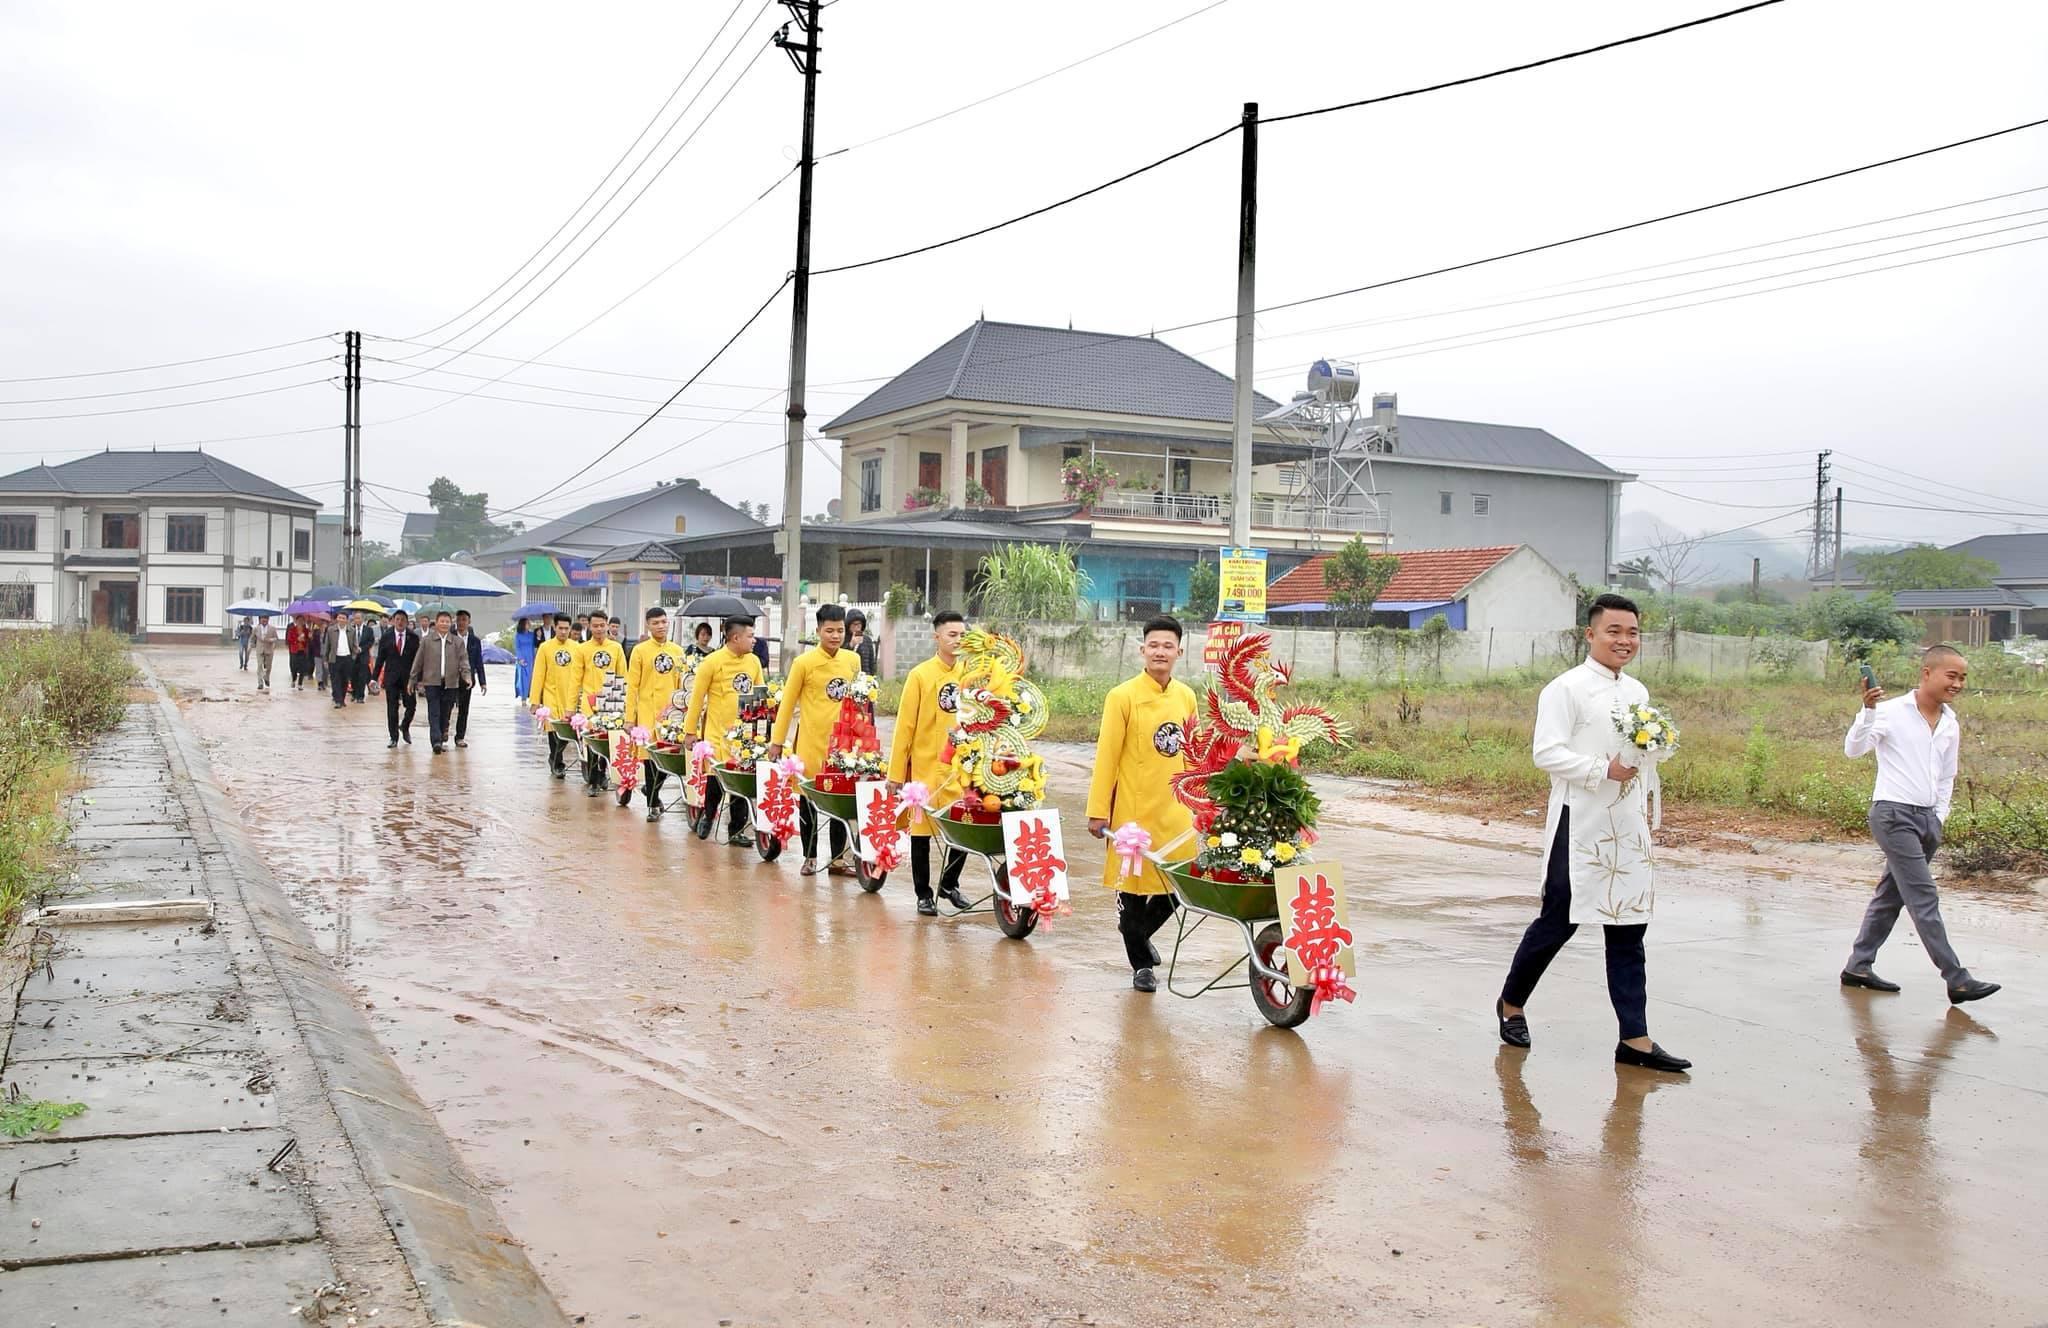 'Nổi bần bật' dàn xe rùa đưa tráp ở đám hỏi Thái Nguyên